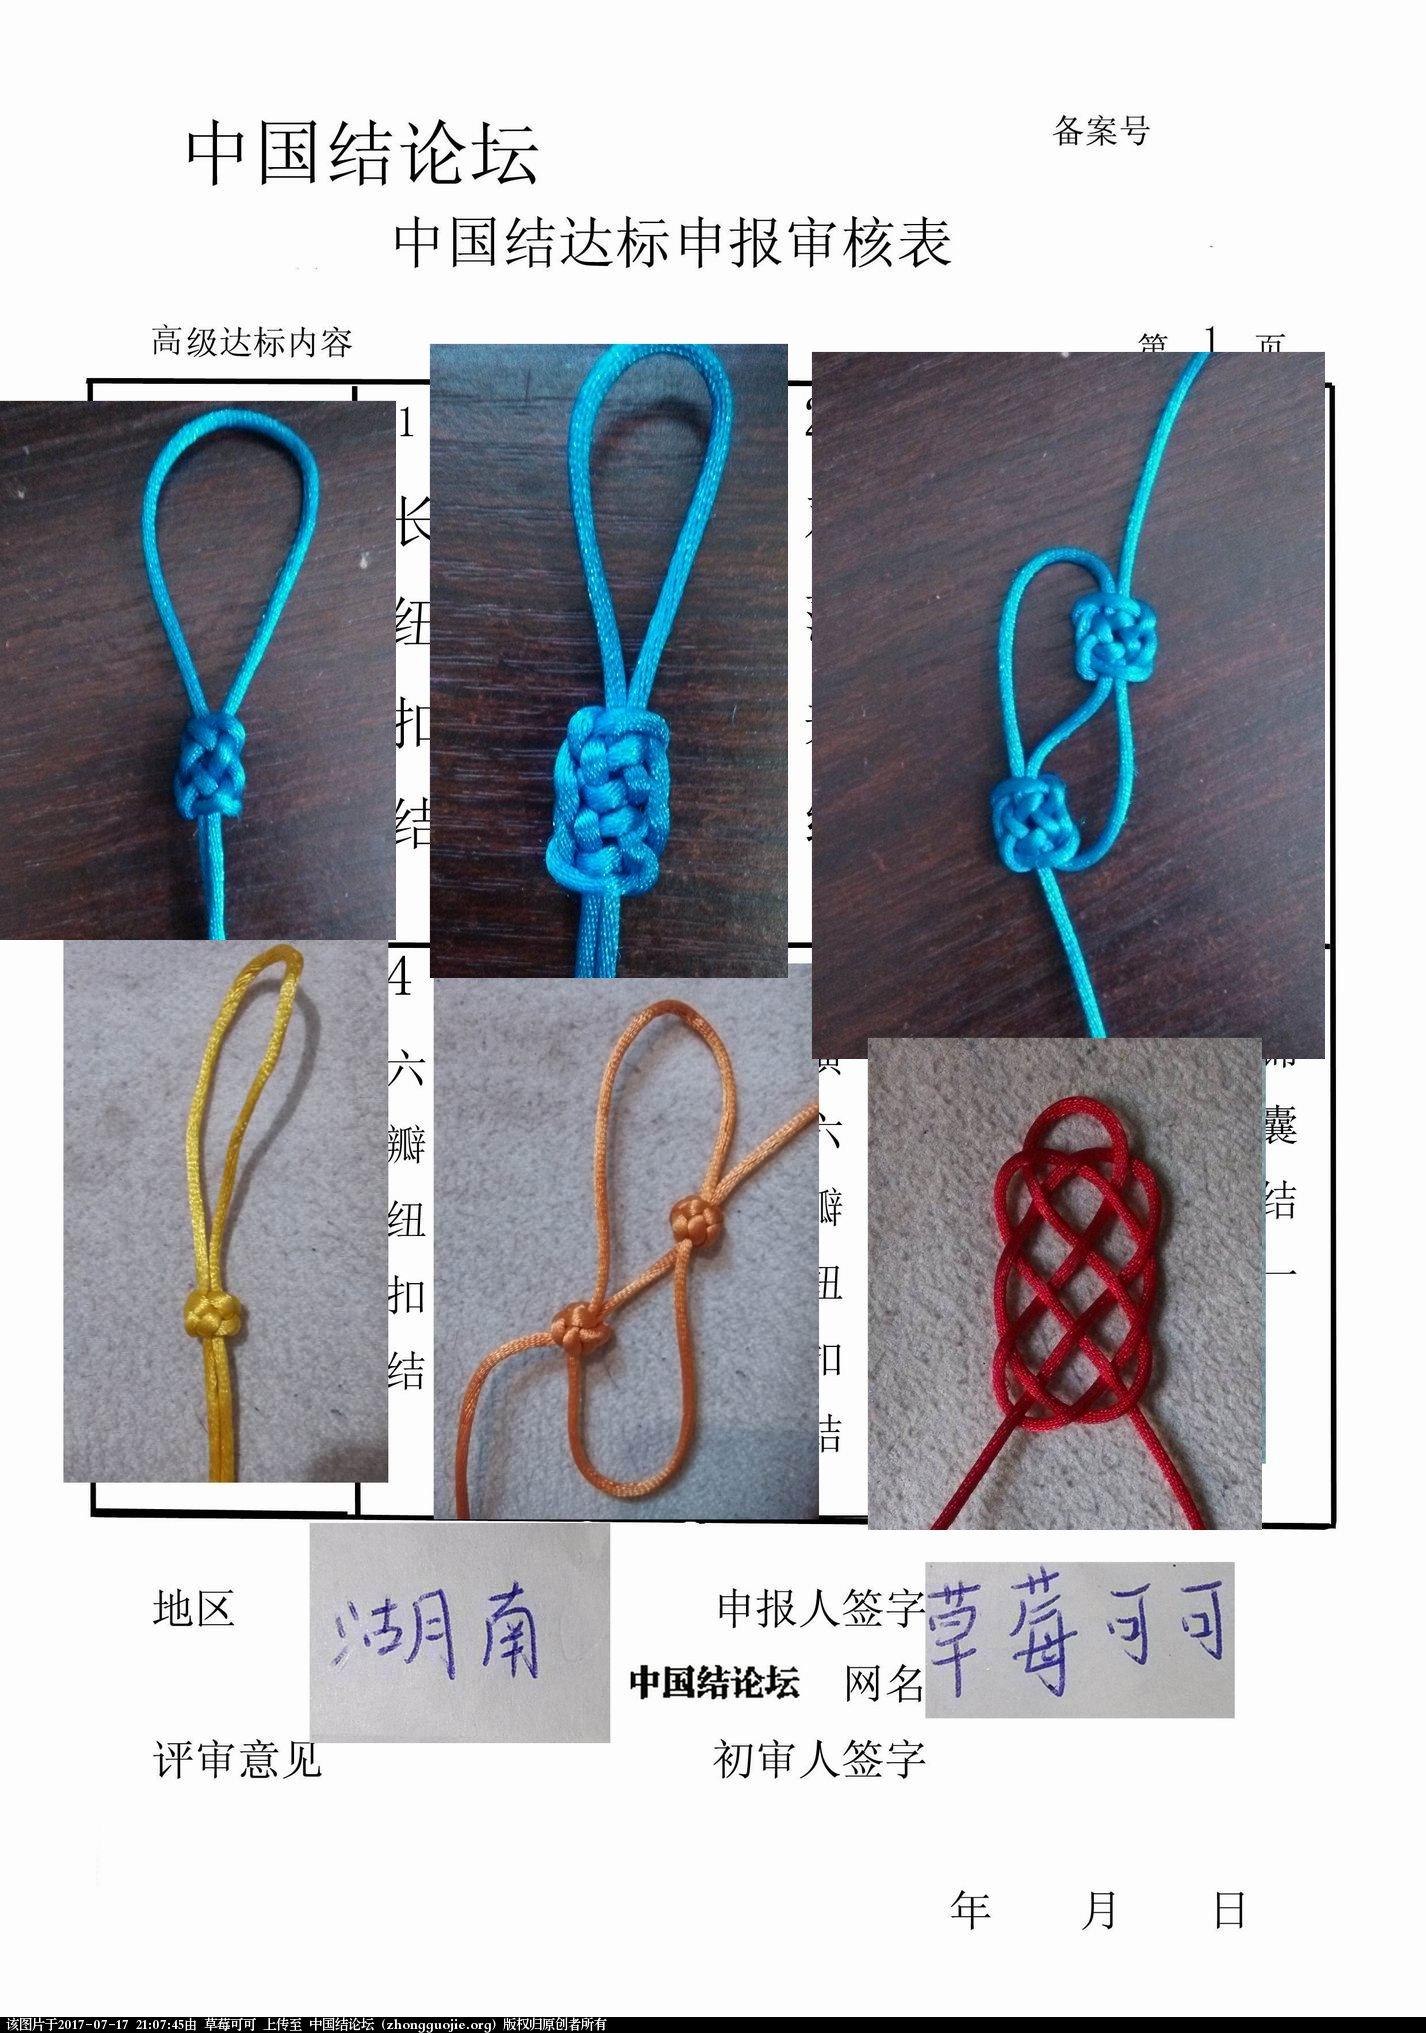 中国结论坛 草莓可可高级达标考核,已重做  中国绳结艺术分级达标审核 210736vr86o1v8ln8i6y8m